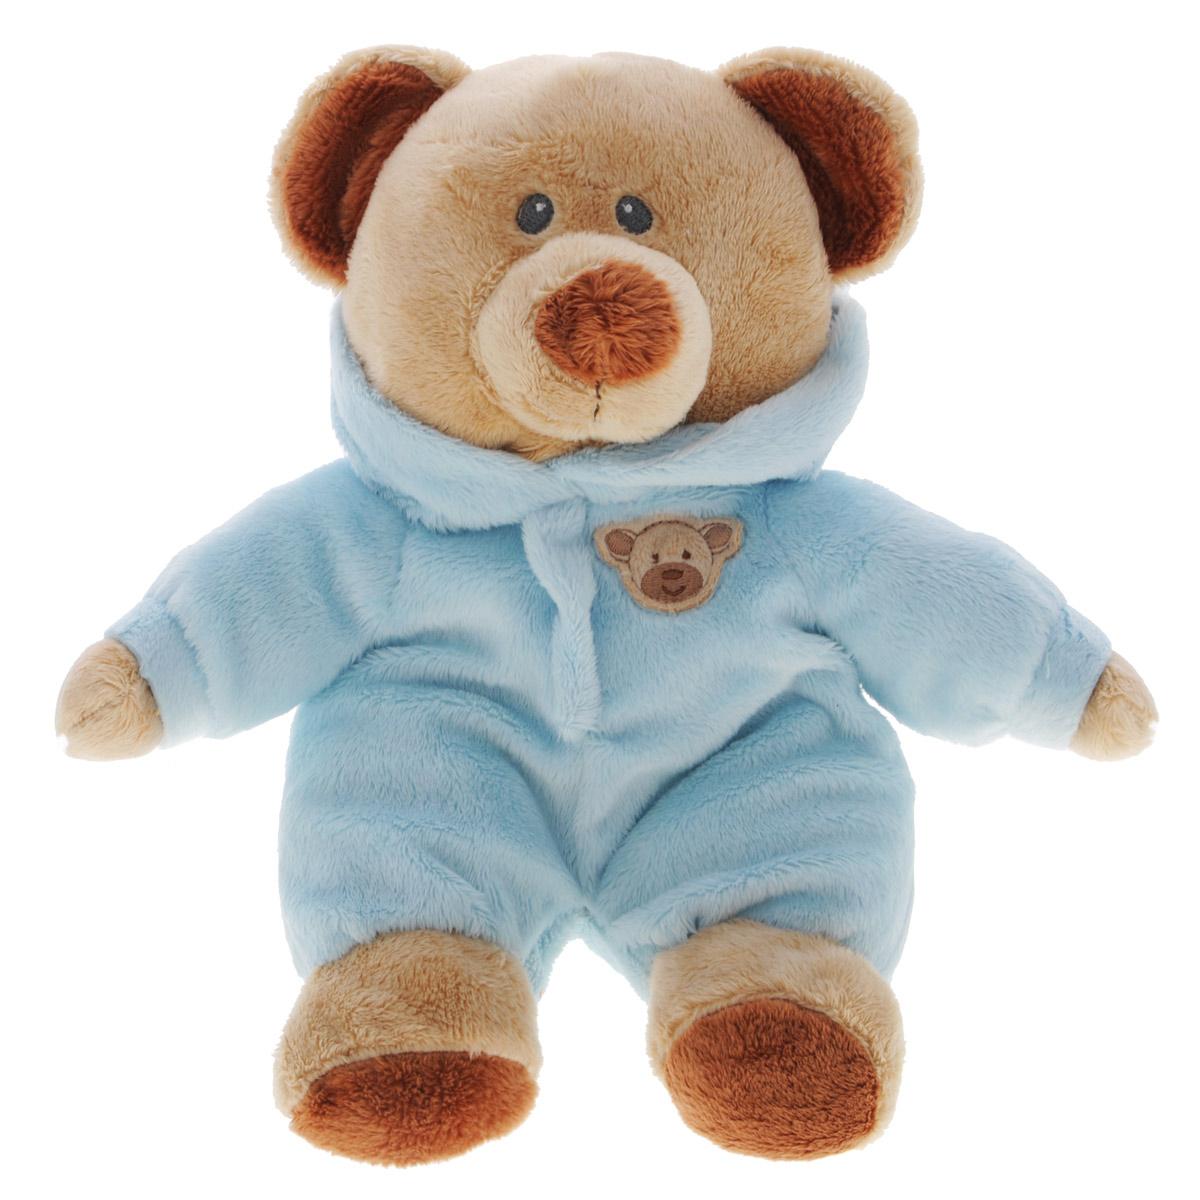 Мягкая игрушка TY Медведь в голубом комбинезоне, 25 см32130Игрушка выполнена в виде милого мишки в голубом комбинезоне. Его глазки вышиты нитками. Оригинальная мягкая игрушка способна развеселить как ребенка, так и взрослого. Внешний вид игрушки продуман до мелочей, и она идеально вписывается в задуманный образ. Игрушка невероятно мягкая и приятная на ощупь, вам не захочется выпускать ее из рук. Специальные гранулы, используемые при ее набивке, способствуют развитию мелкой моторики рук малыша.